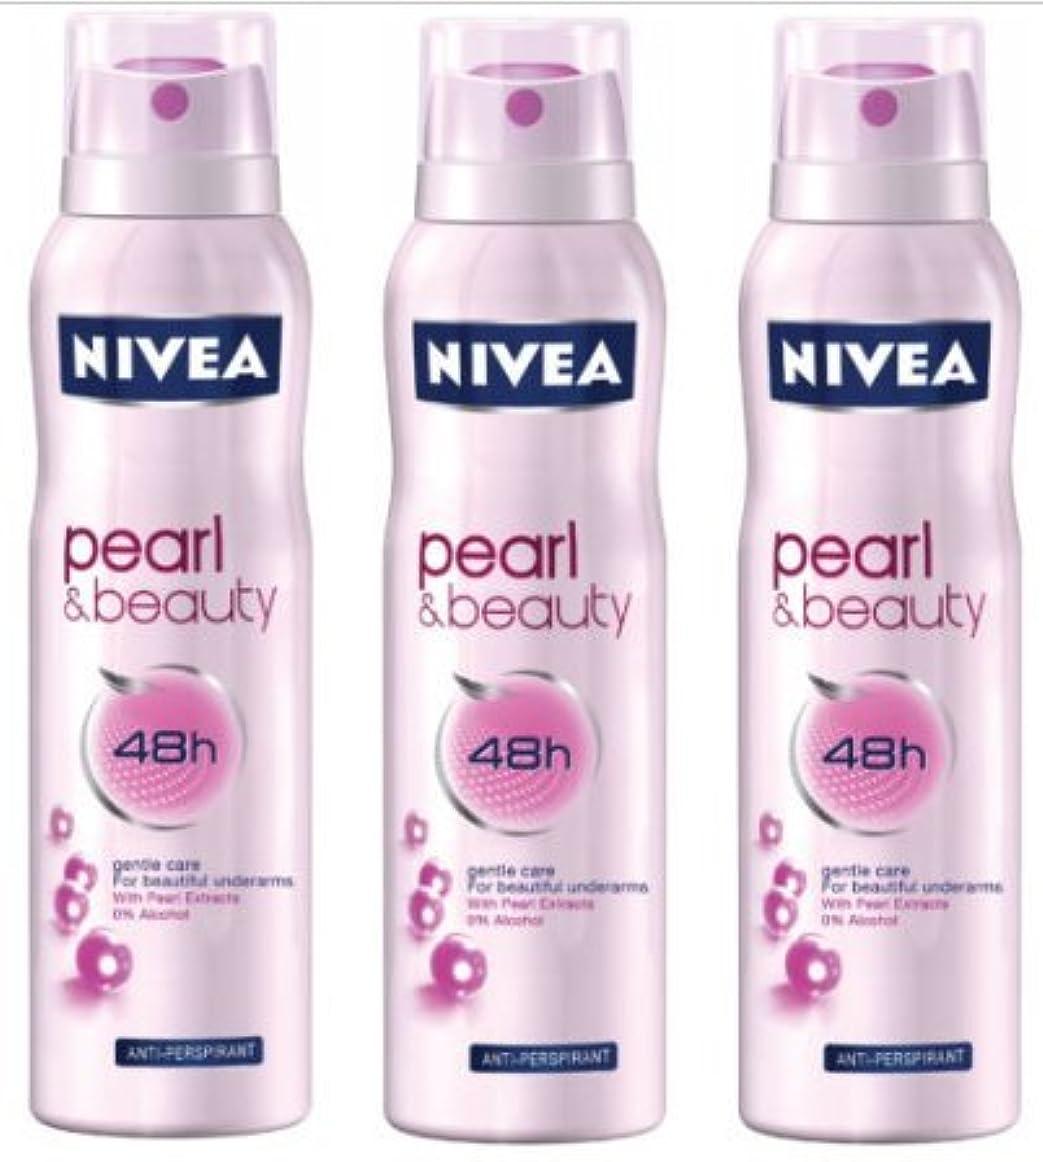 タイヤ市区町村飛ぶ3 Nivea Pearl & Beauty Spray Deodorant Anti-perspirant 150ml - India - 並行輸入品 - 3 xニベアパール&ビューティスプレーデオドラントアンチパーマプライ...